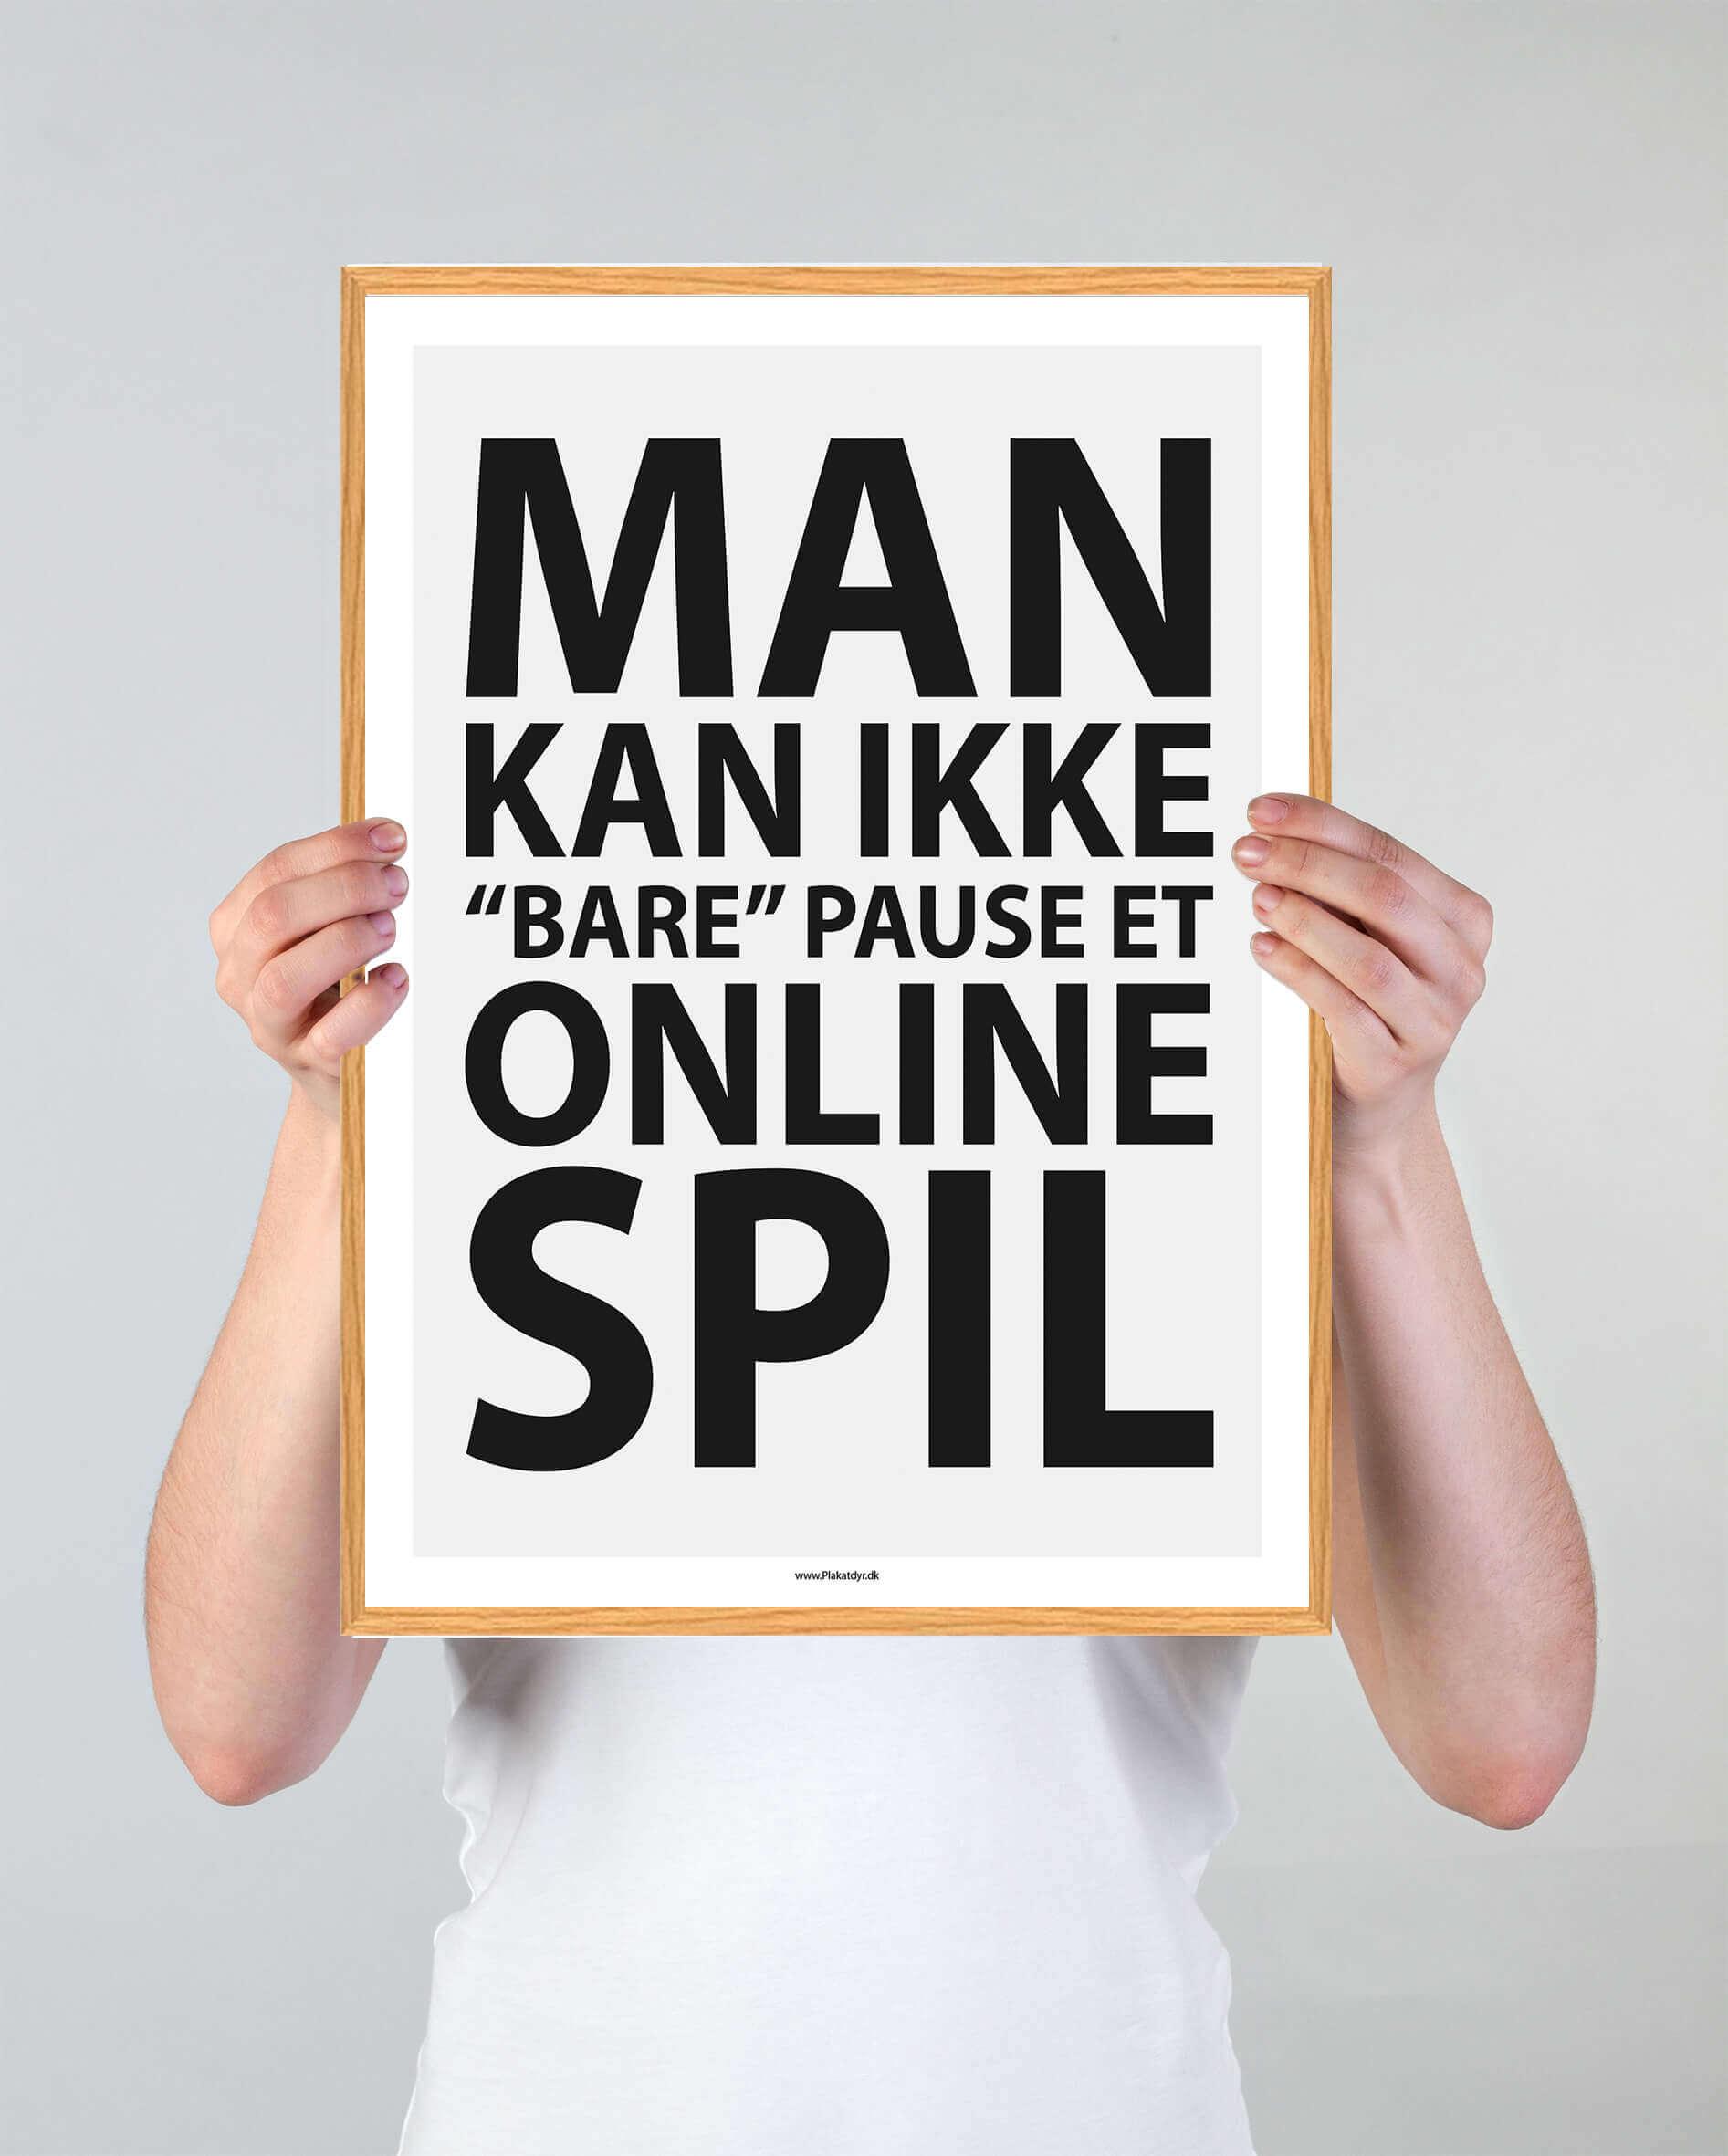 GAMERPLAKAT-Man-kan-ikke-bare-pause-et-online-spil-2